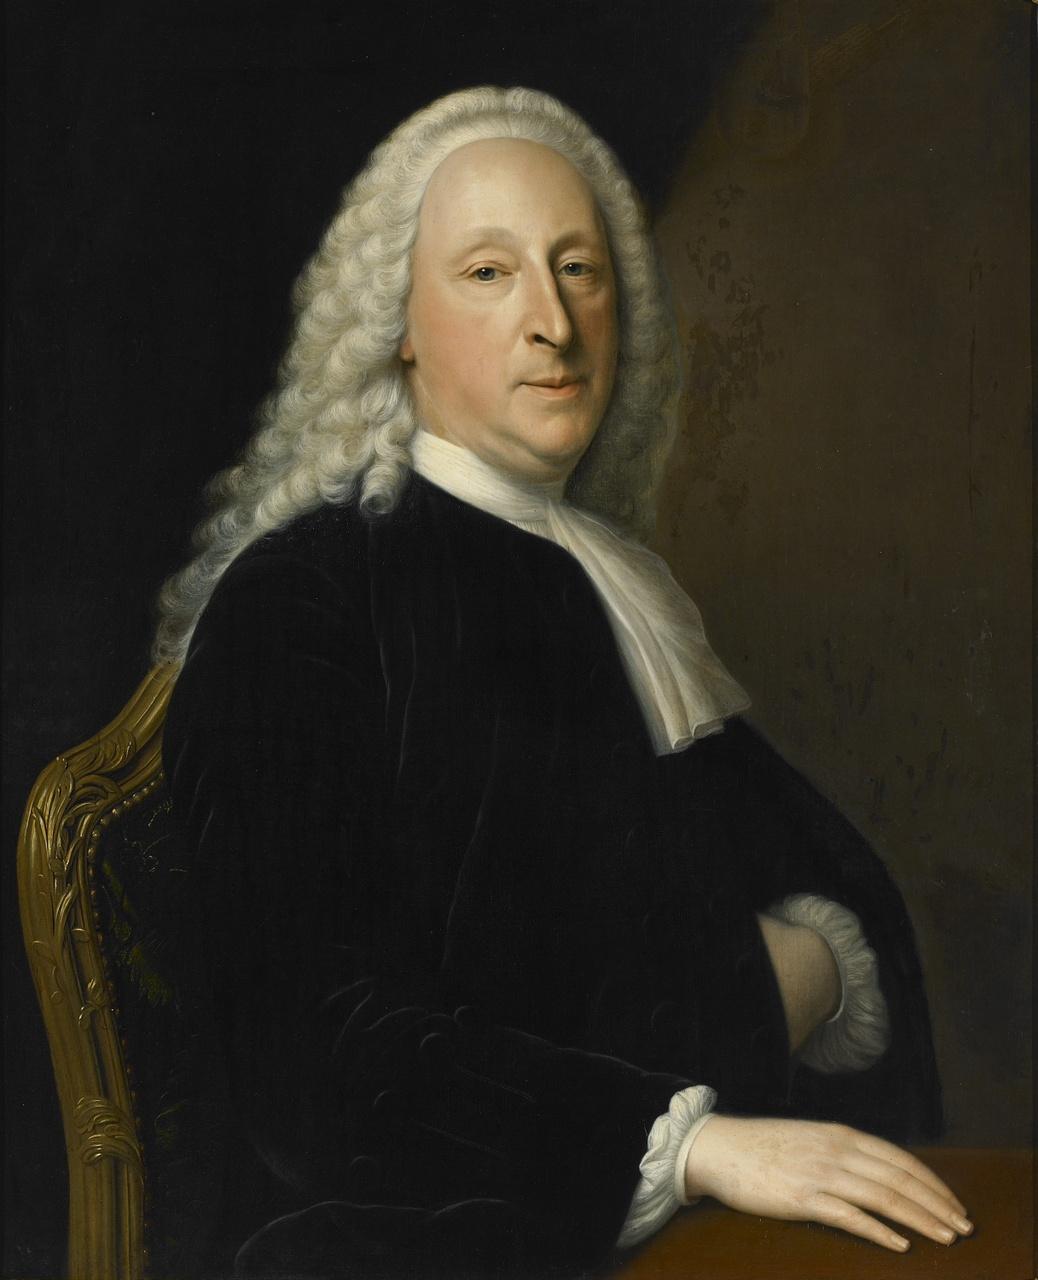 Mr. Wilhem van Citters (1685-1758), Jean Appelius